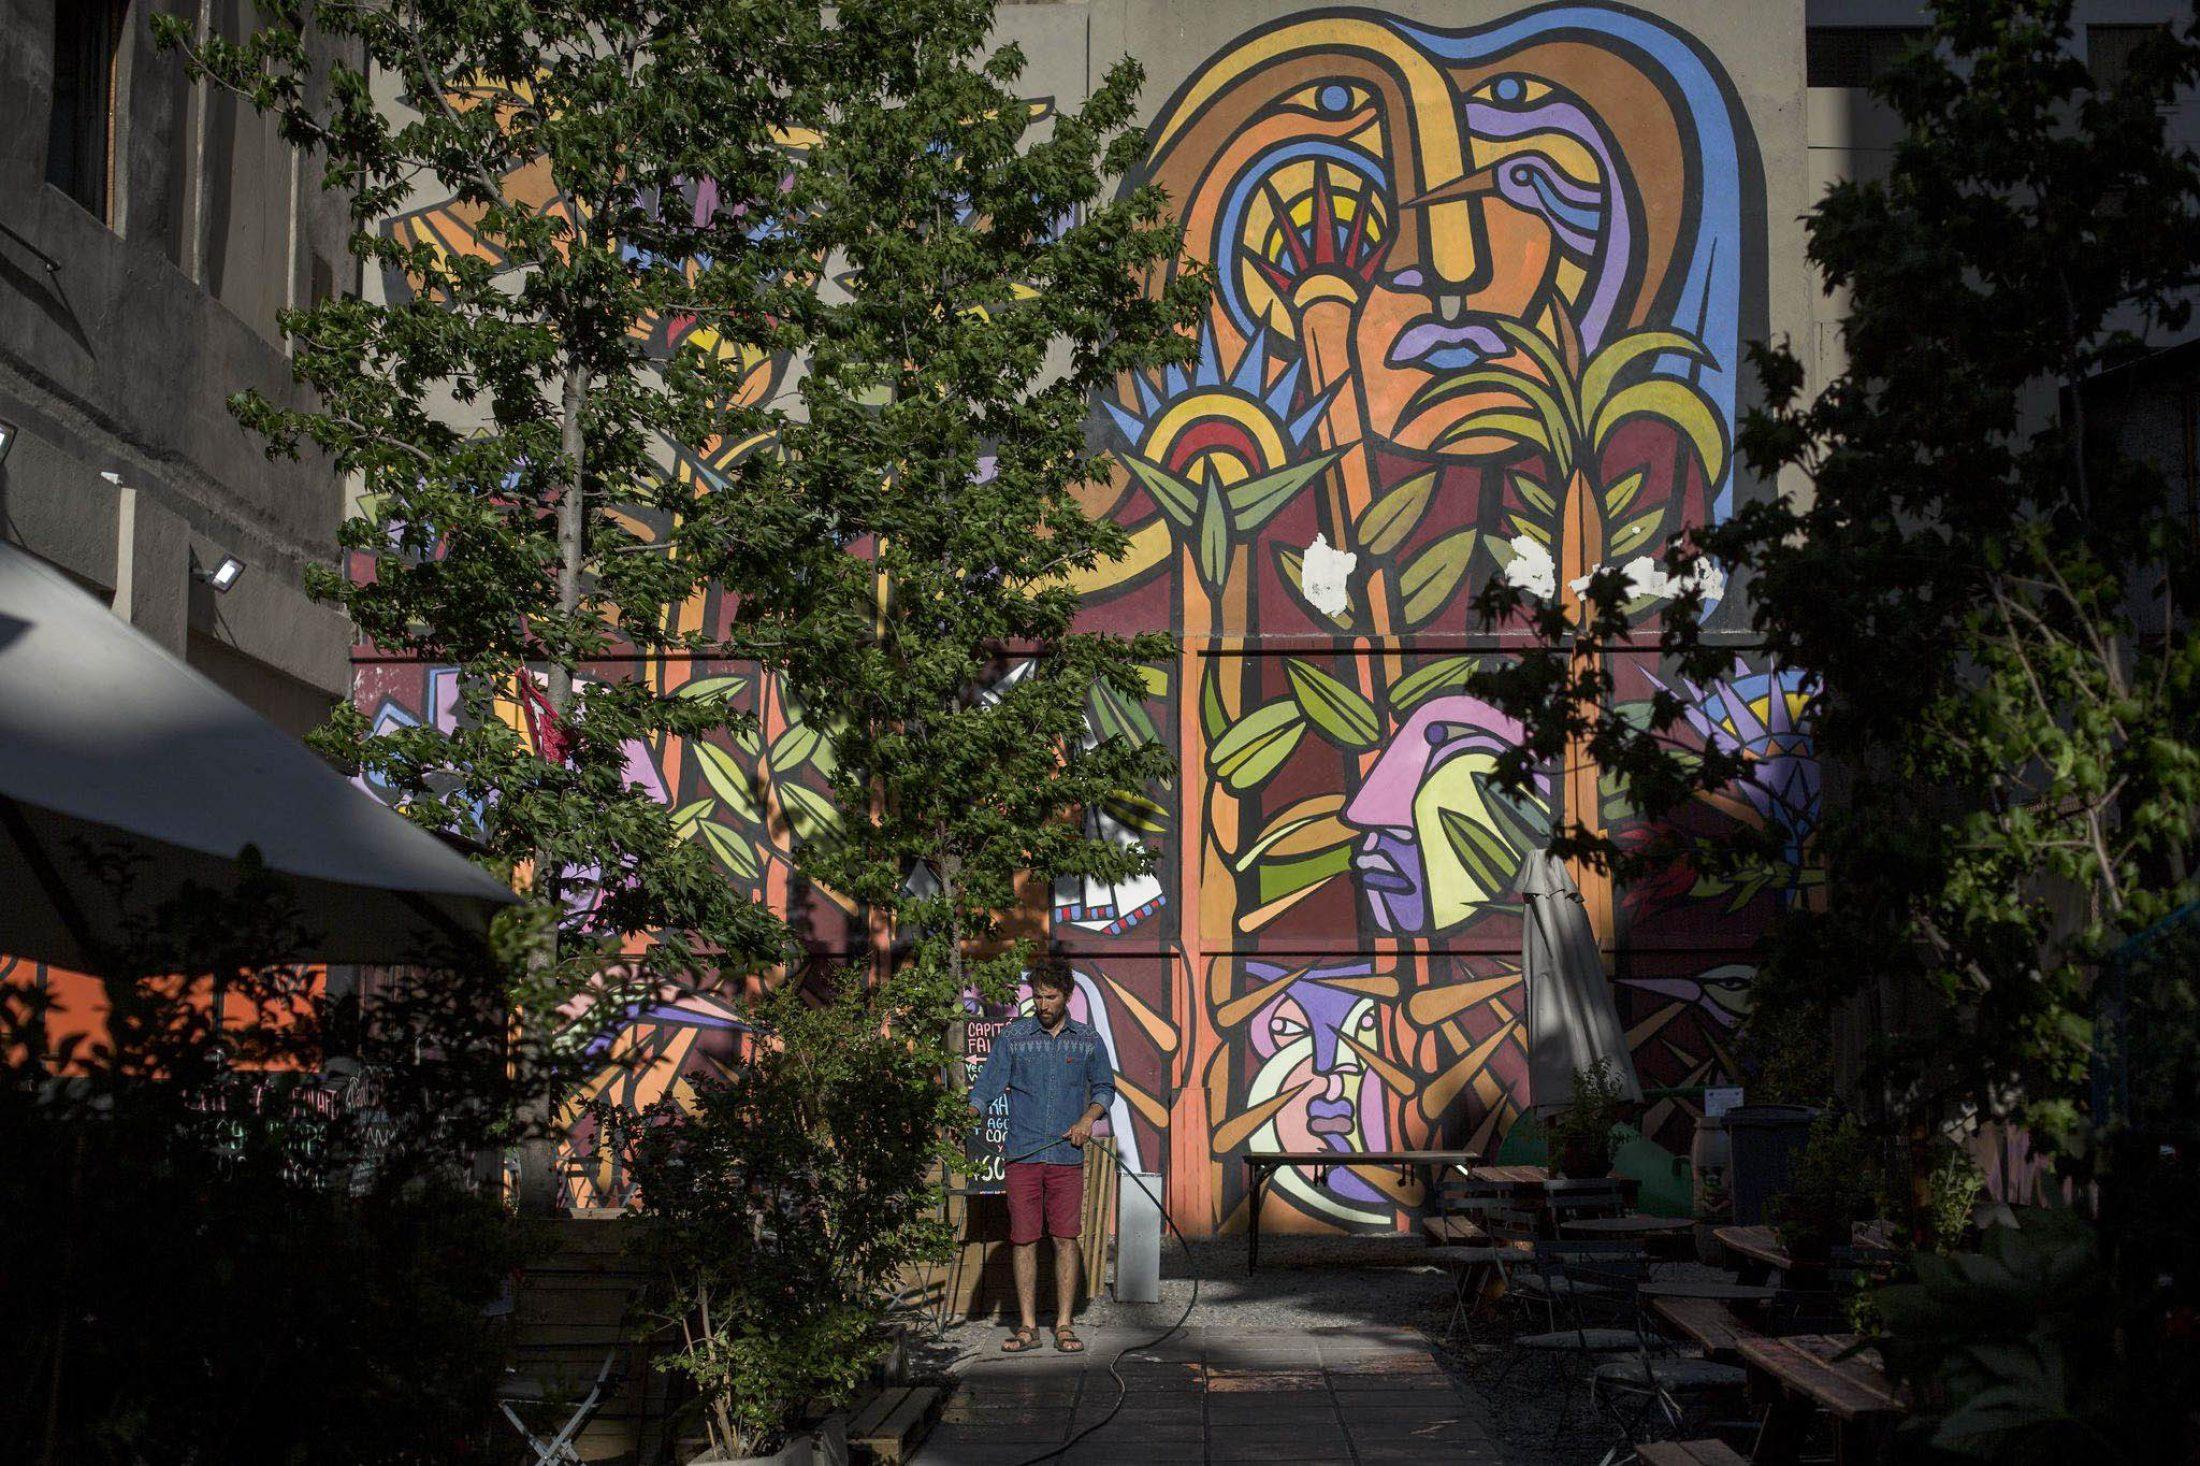 Santiagos Wandbilder bringen die Ziele für nachhaltige Entwicklung auf den Boden